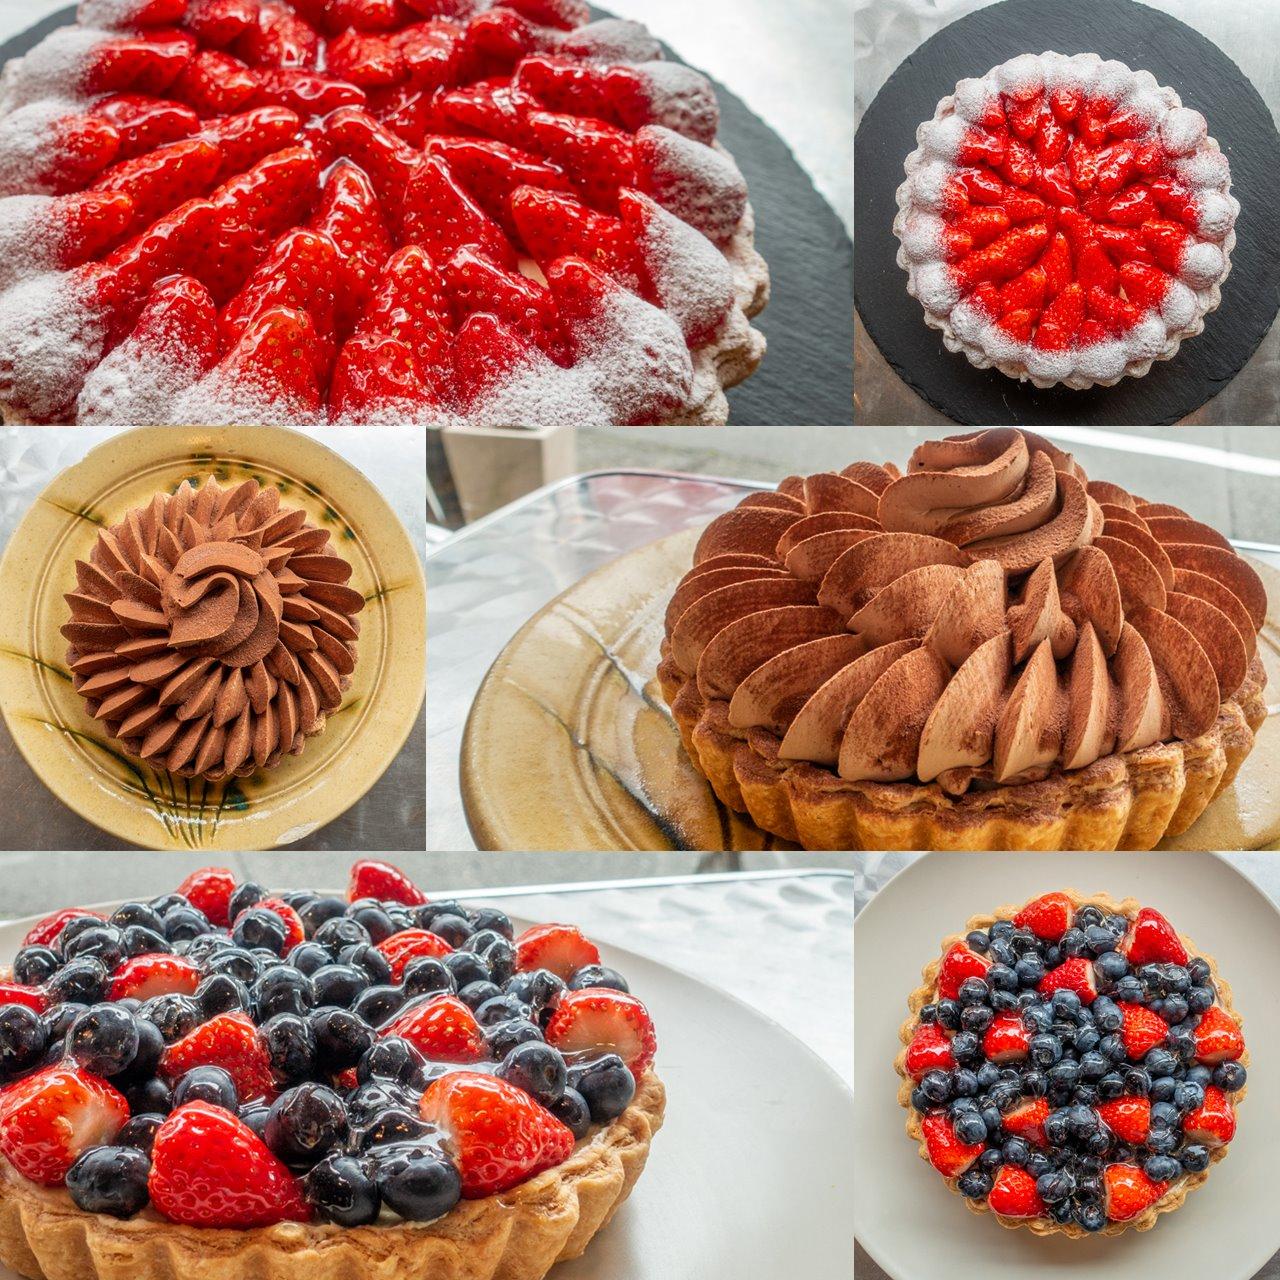 アンキャトルエピスのケーキ